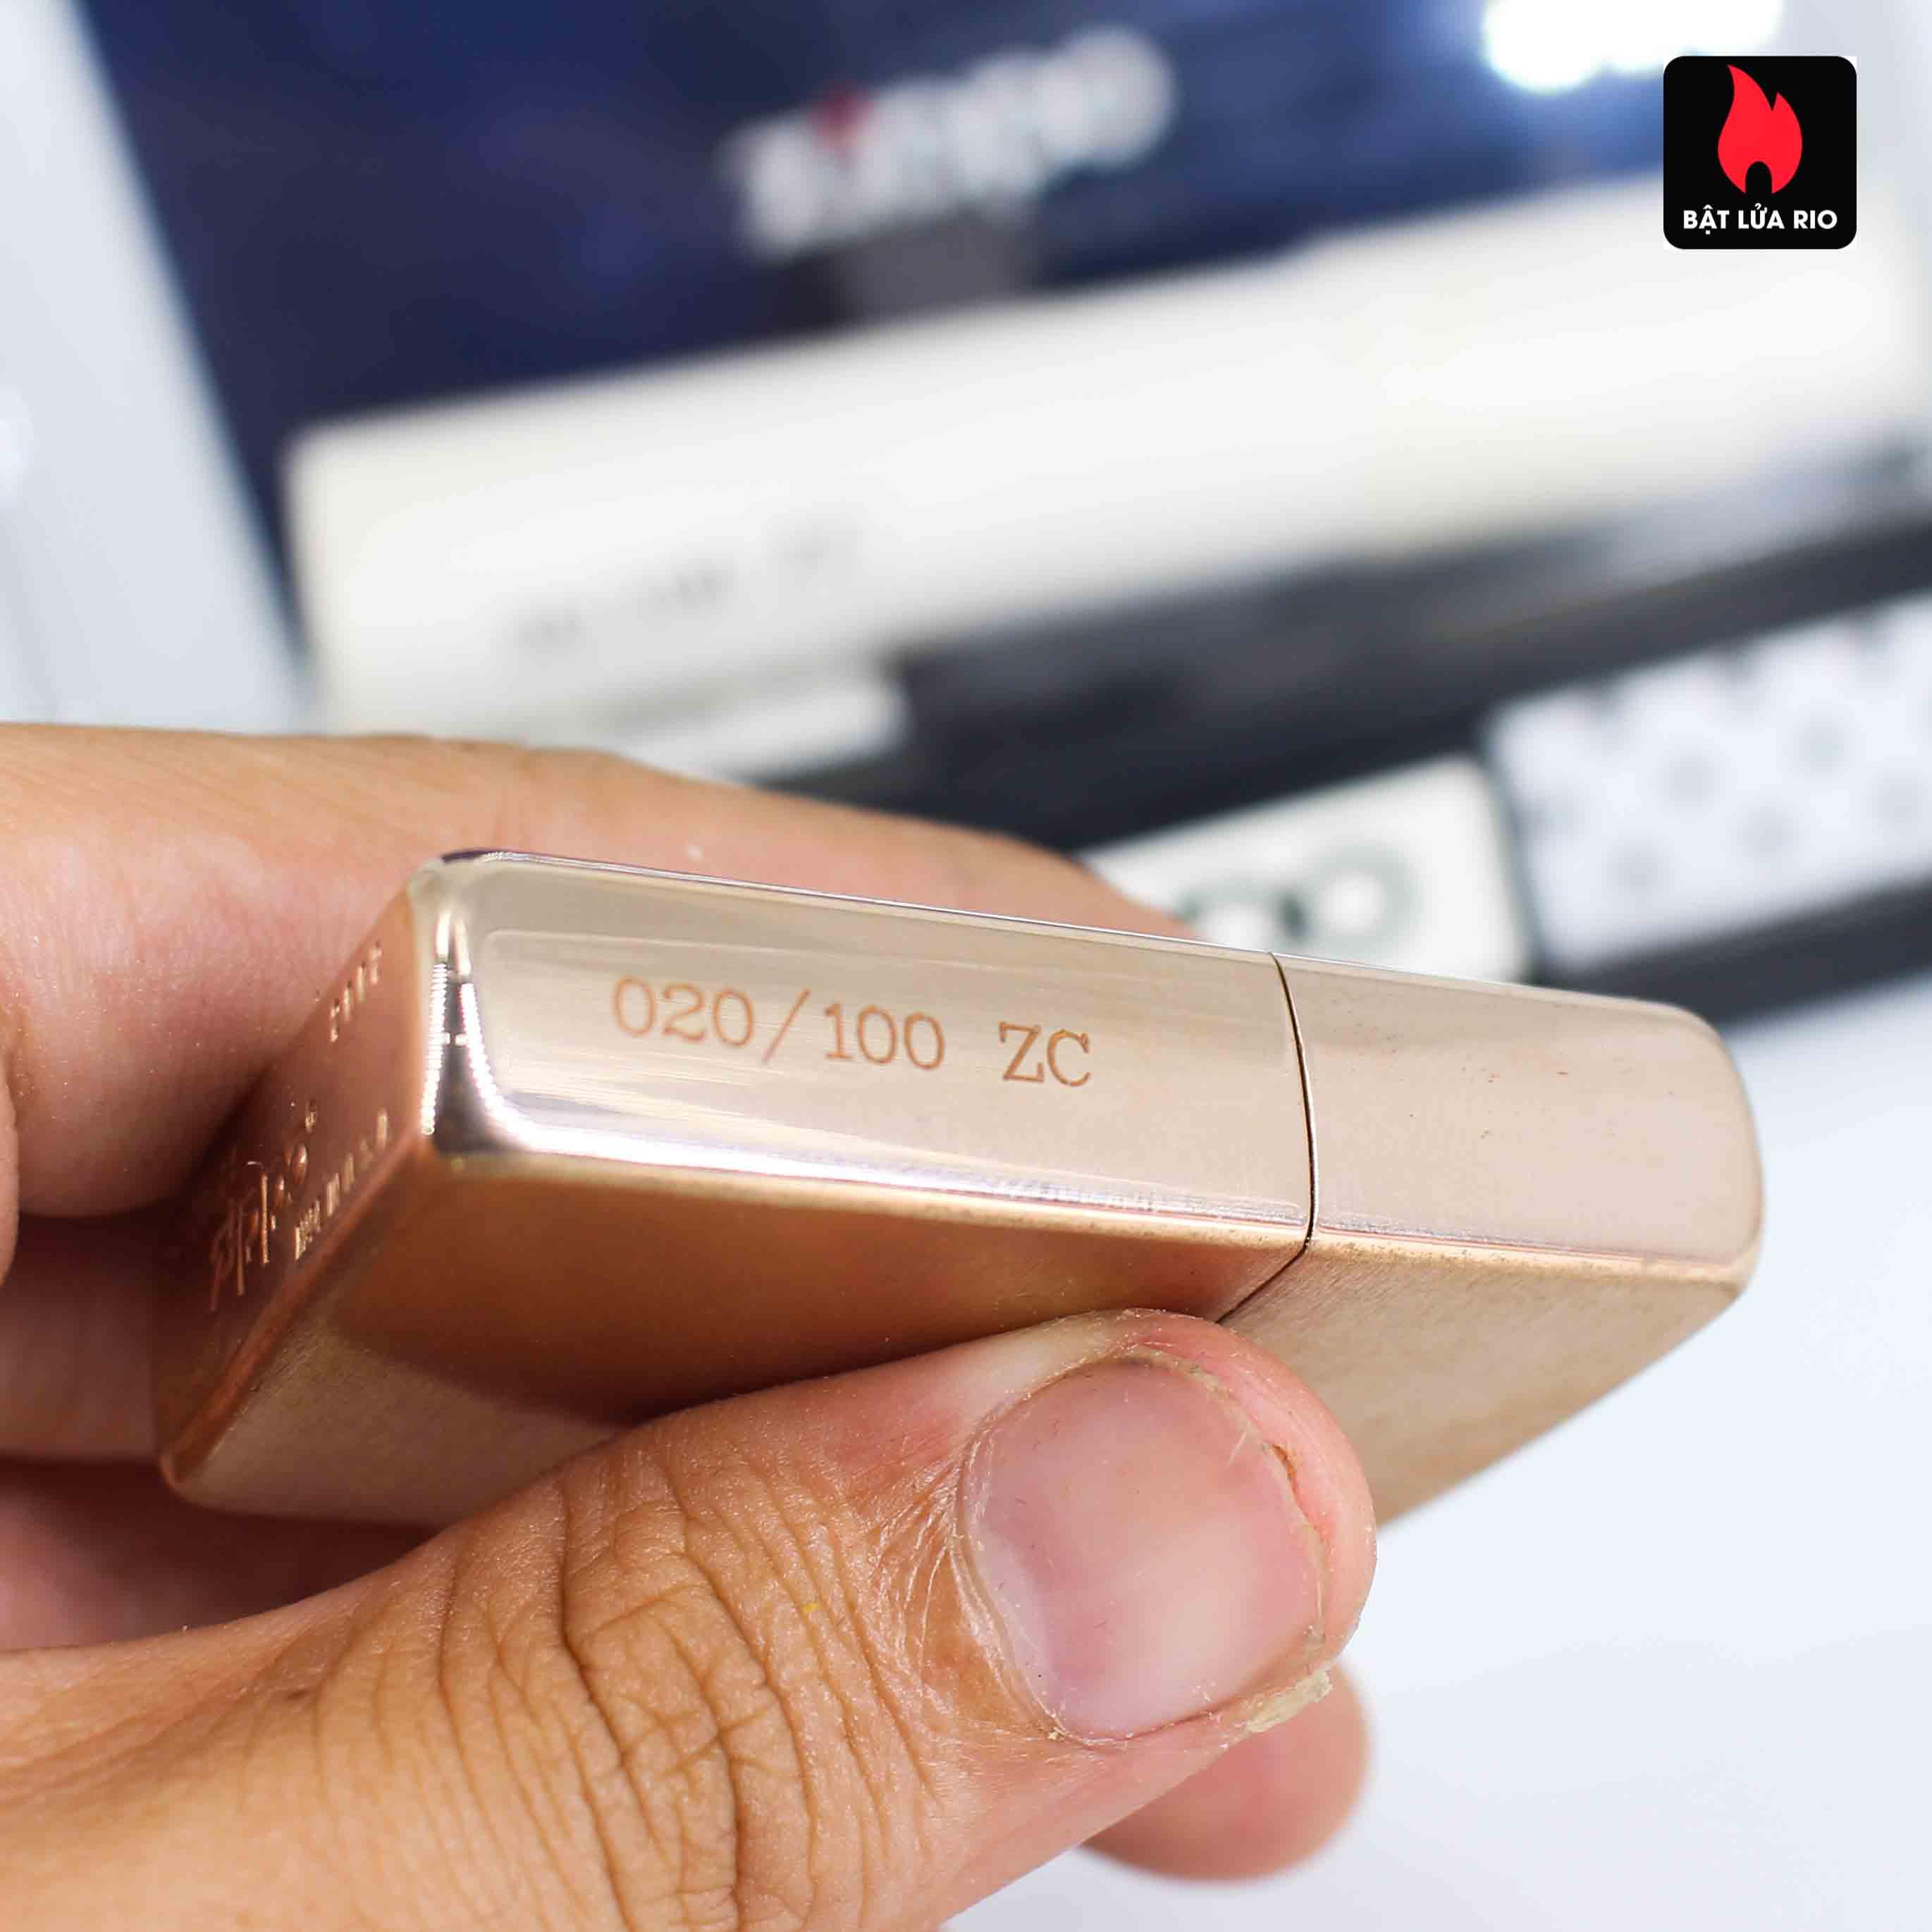 Zippo 2002 - Zippo Z-Series Copper Project - Click Member Edition 020/100 8